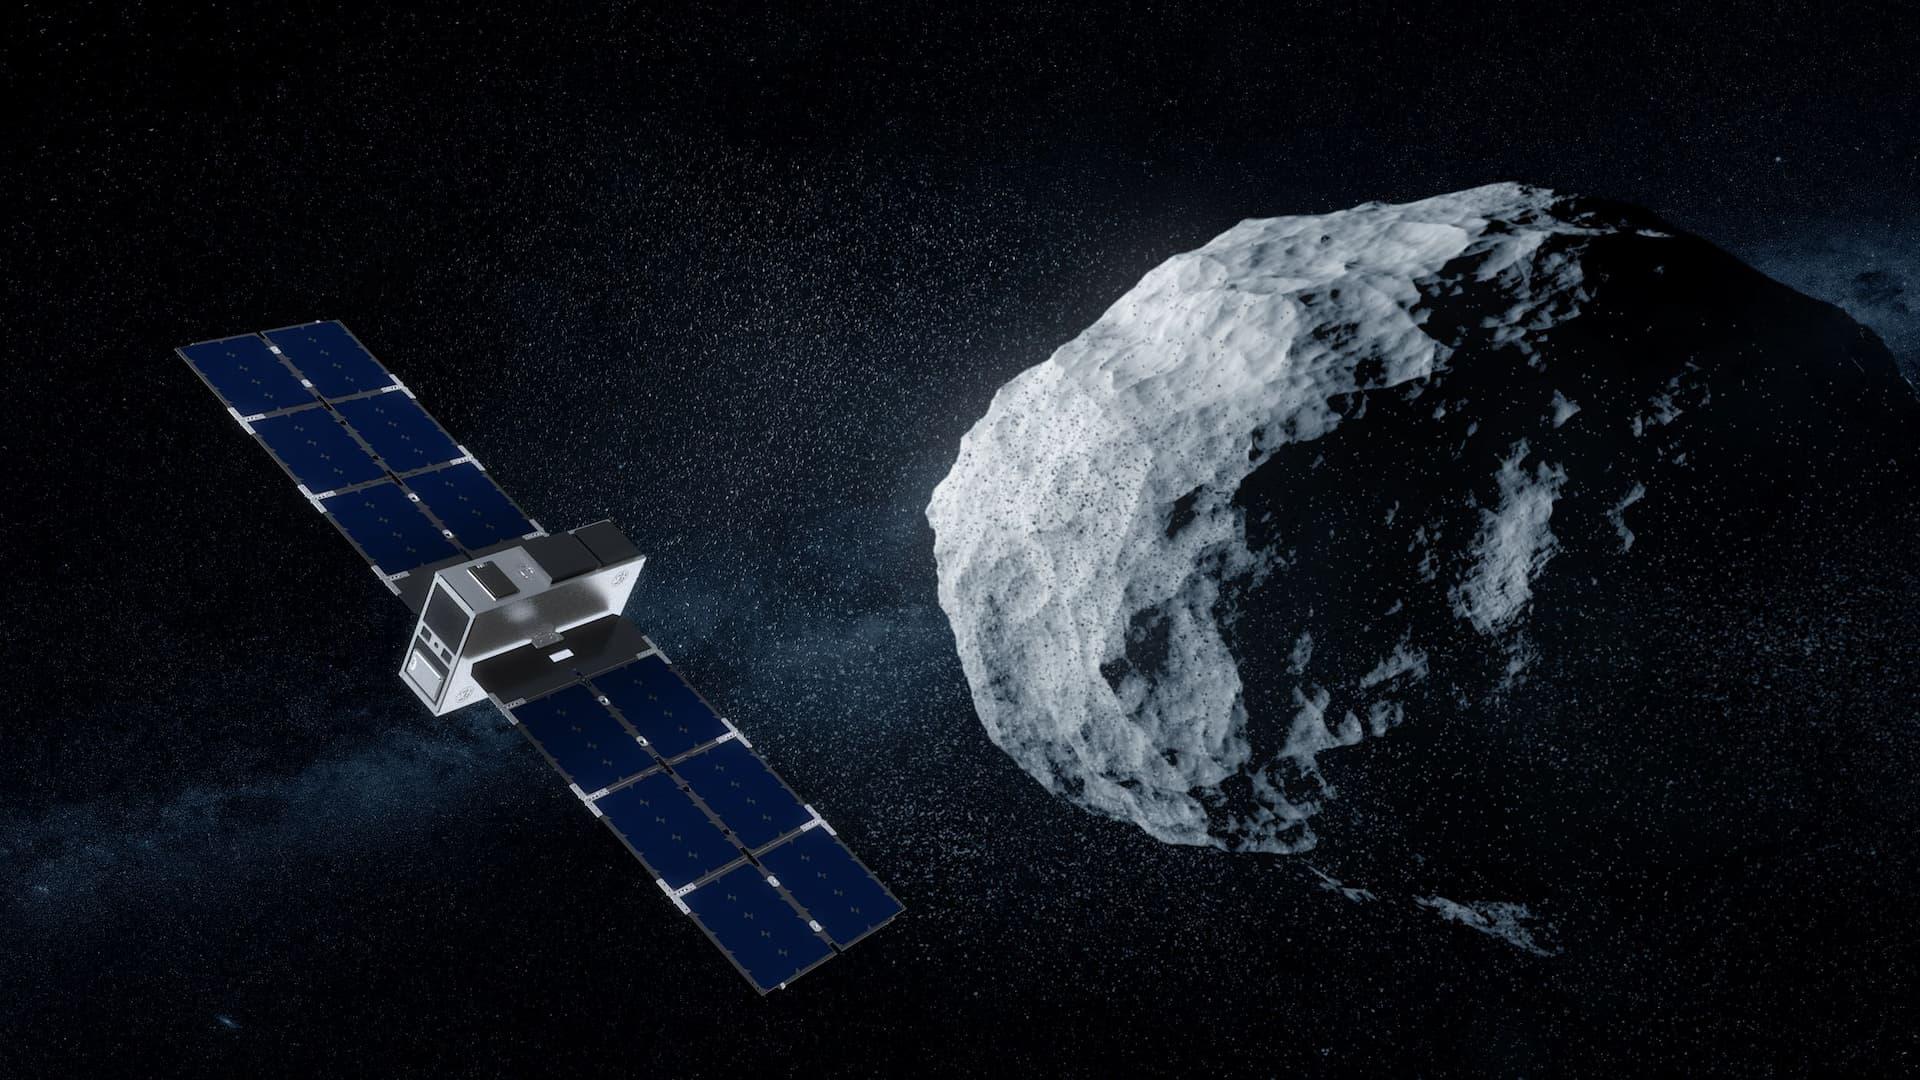 ASI - Completata con successo la Preliminary Design Review della missione interplanetaria Hera-Milani